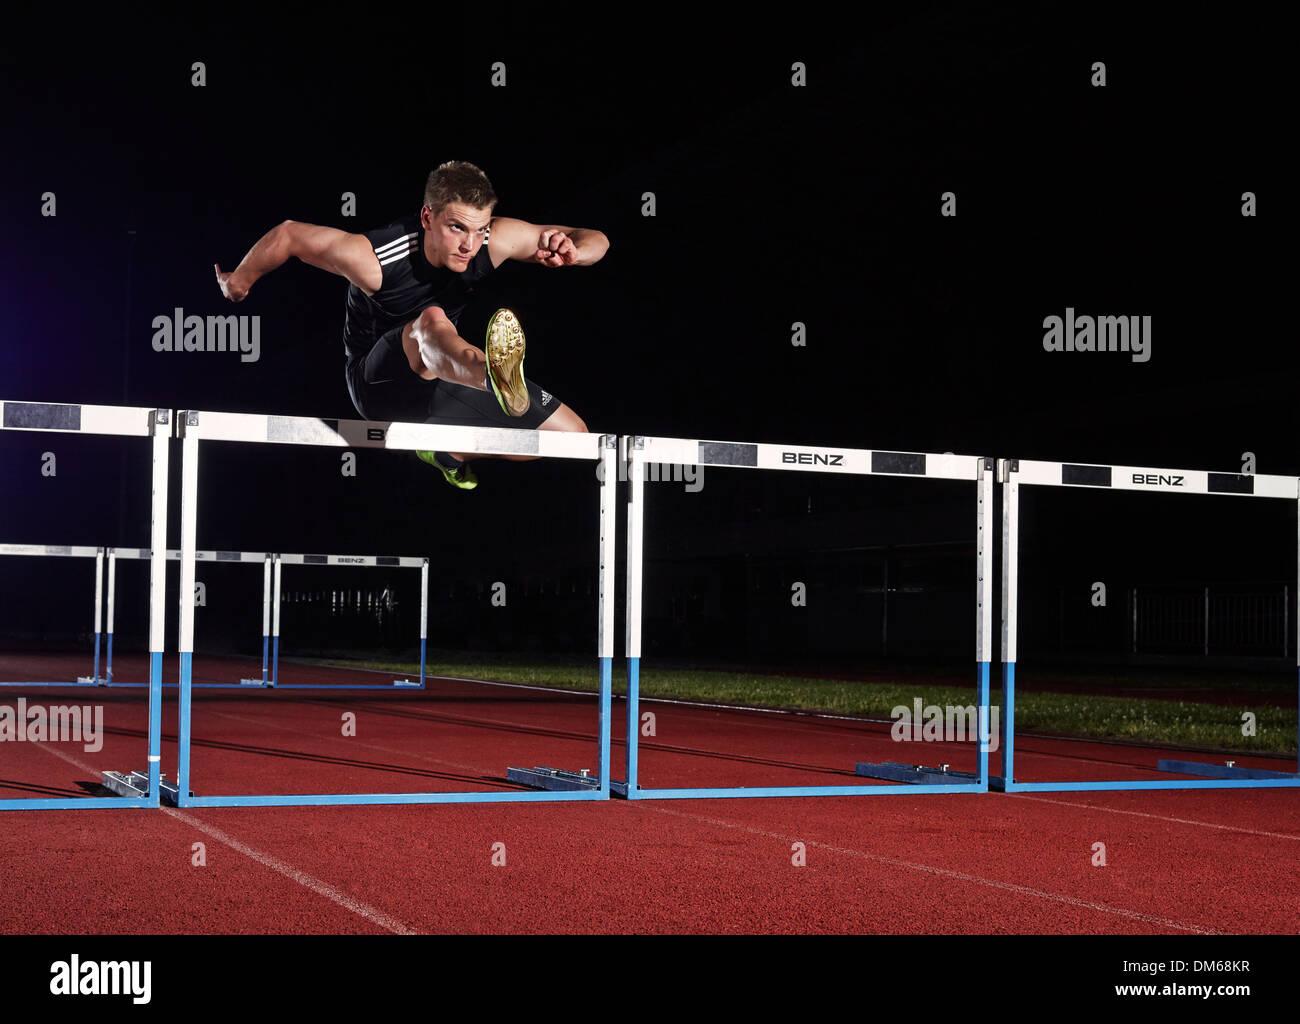 Athlète course de haies Photo Stock